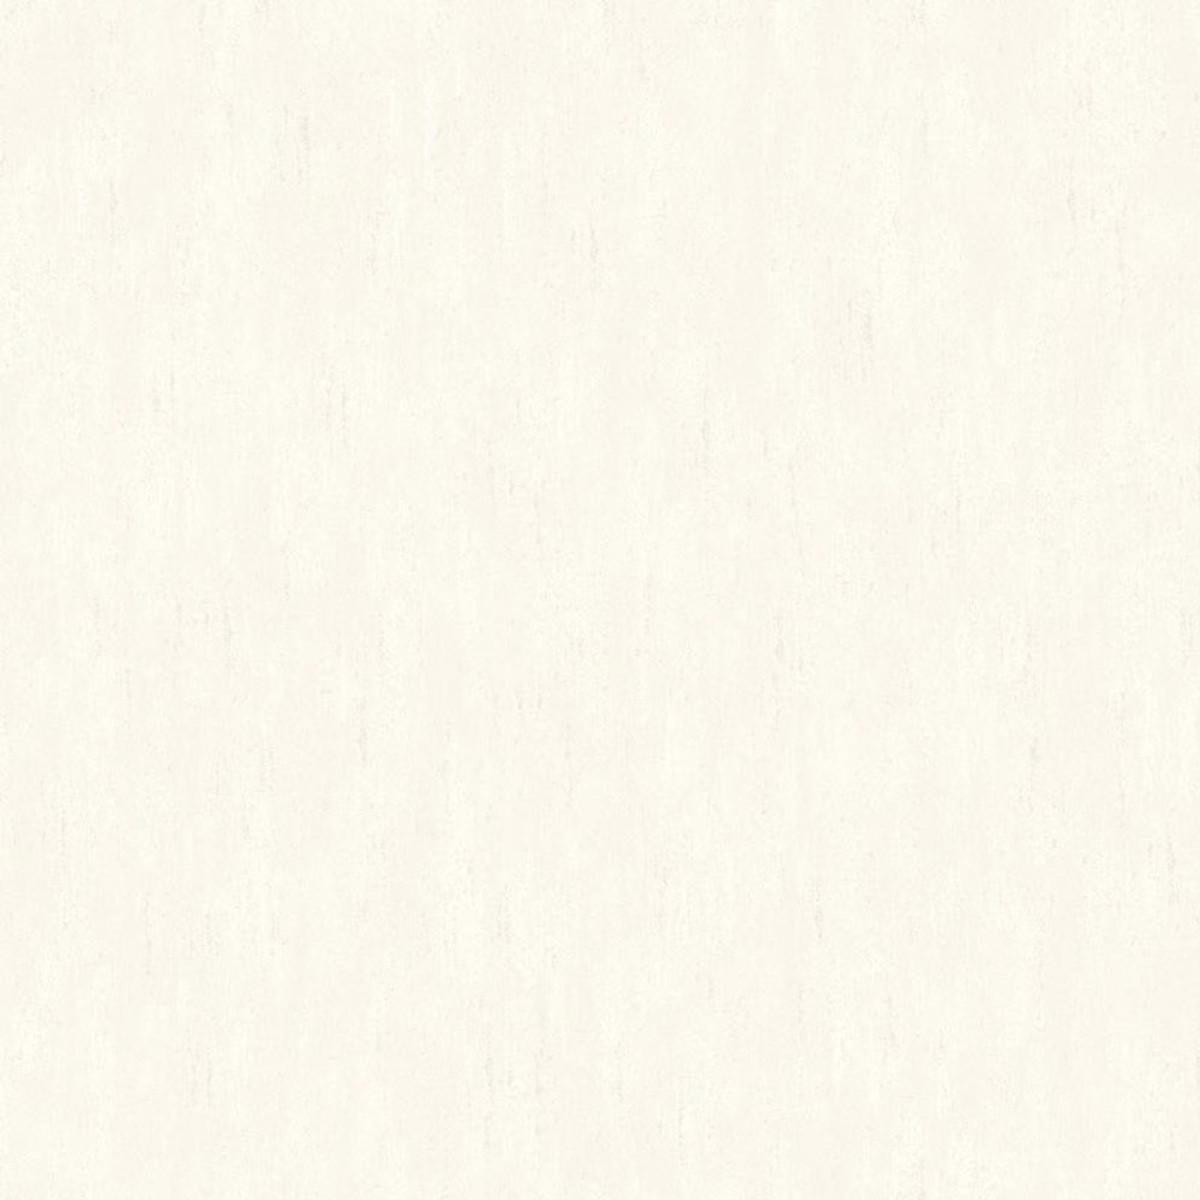 Обои флизелиновые Decoprint Emporia белые 0.53 м EM17001